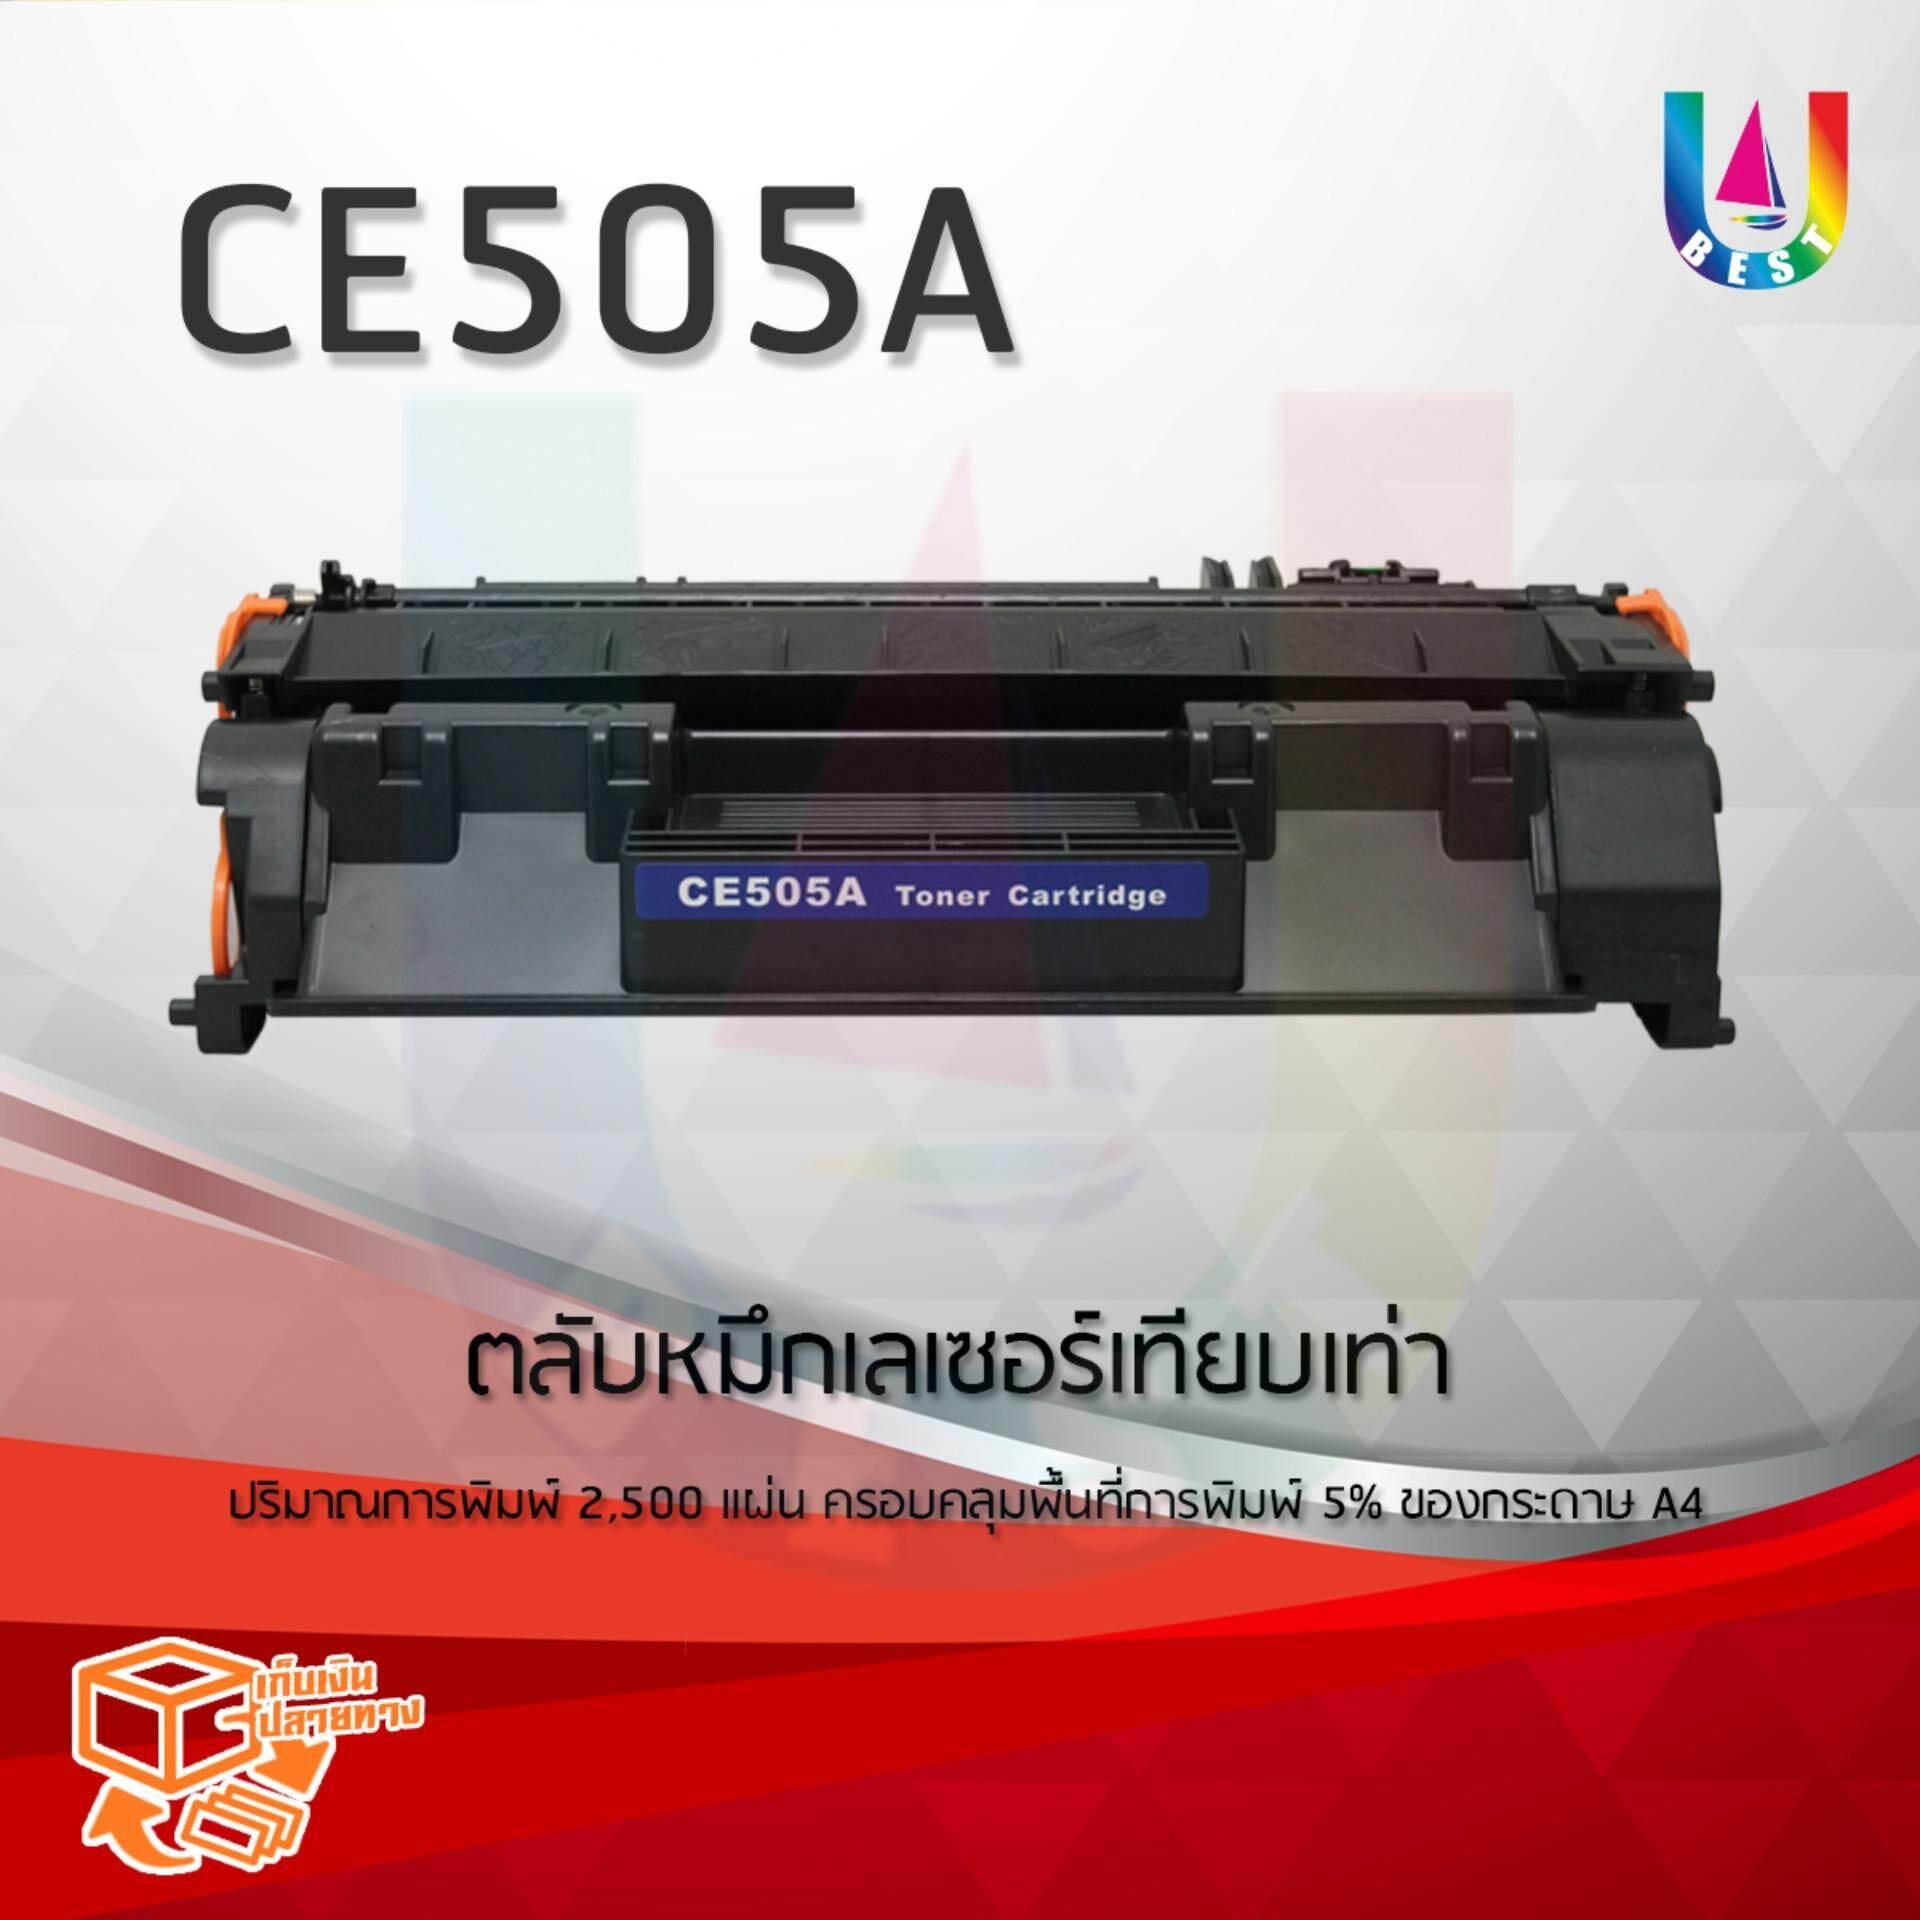 ส่วนลด Hp Ce505A 05A ตลับหมึกเลเซอร์เทียบเท่า Best 4 U Hp